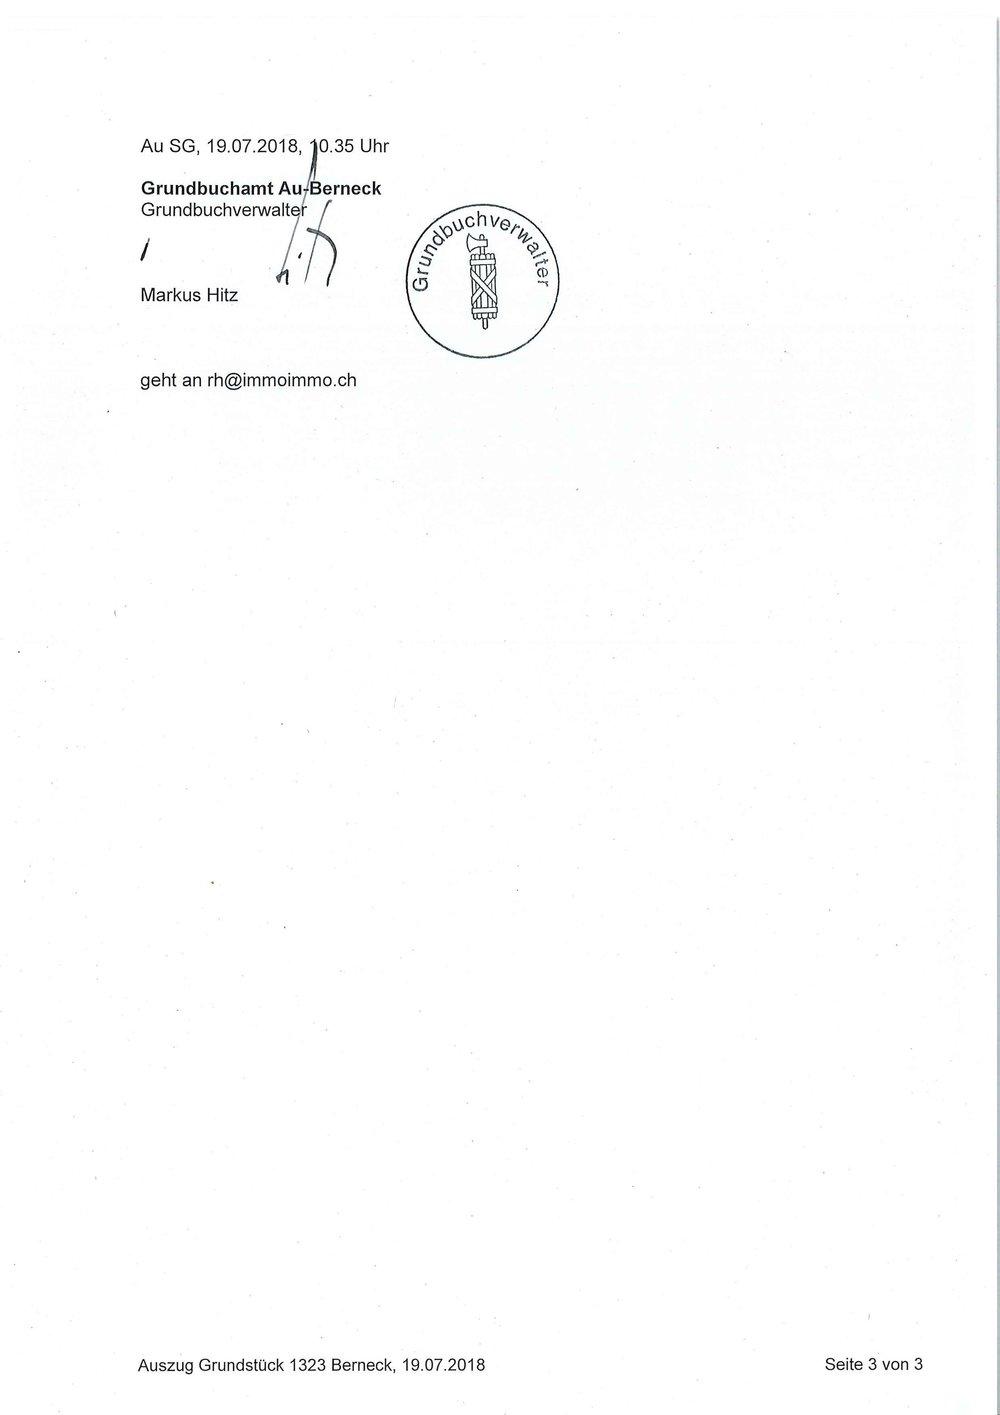 bilder_Seite_3.jpg